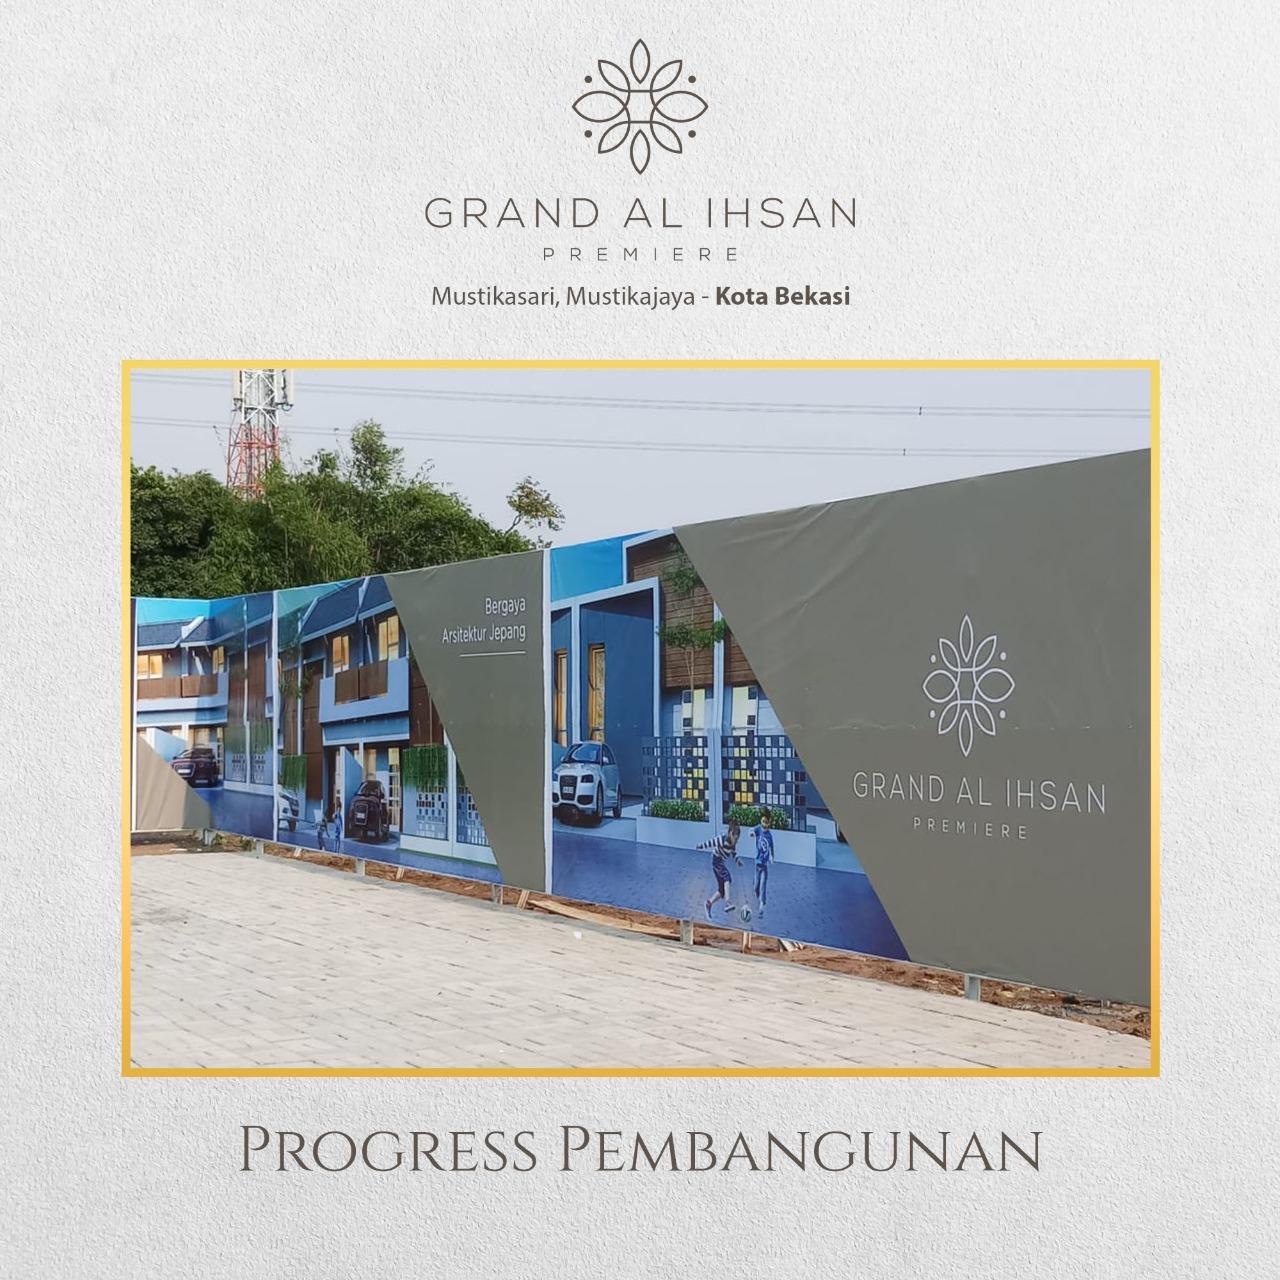 perumahan syariah bekasi kota - perumahan syariah mustikasari - foto lokasi 17 - grand al ihsan premiere - gap - grandalihsanpremiere - nprosyar - dav prosyar - davpropertysyariah